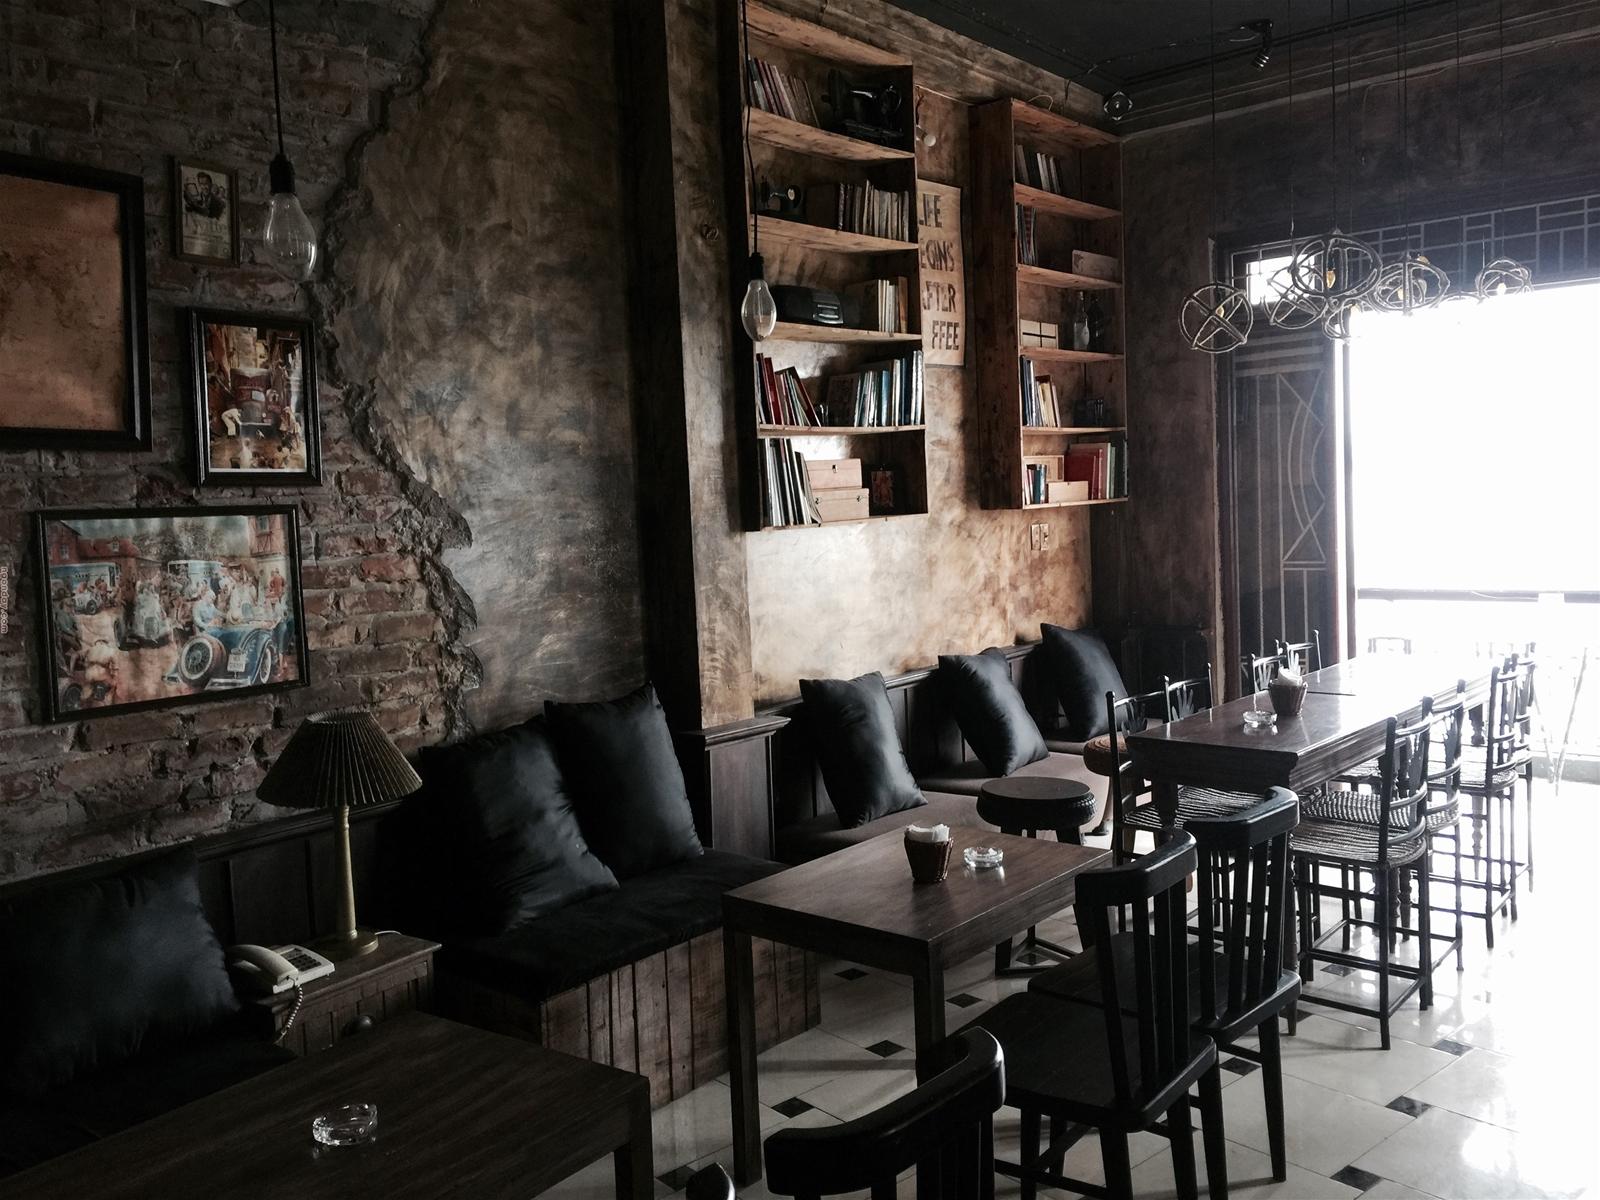 Top 5 Cách Trang Trí Tường Quán Cafe Đơn Giản, Đẹp Và Tiết Kiệm Nhất 4